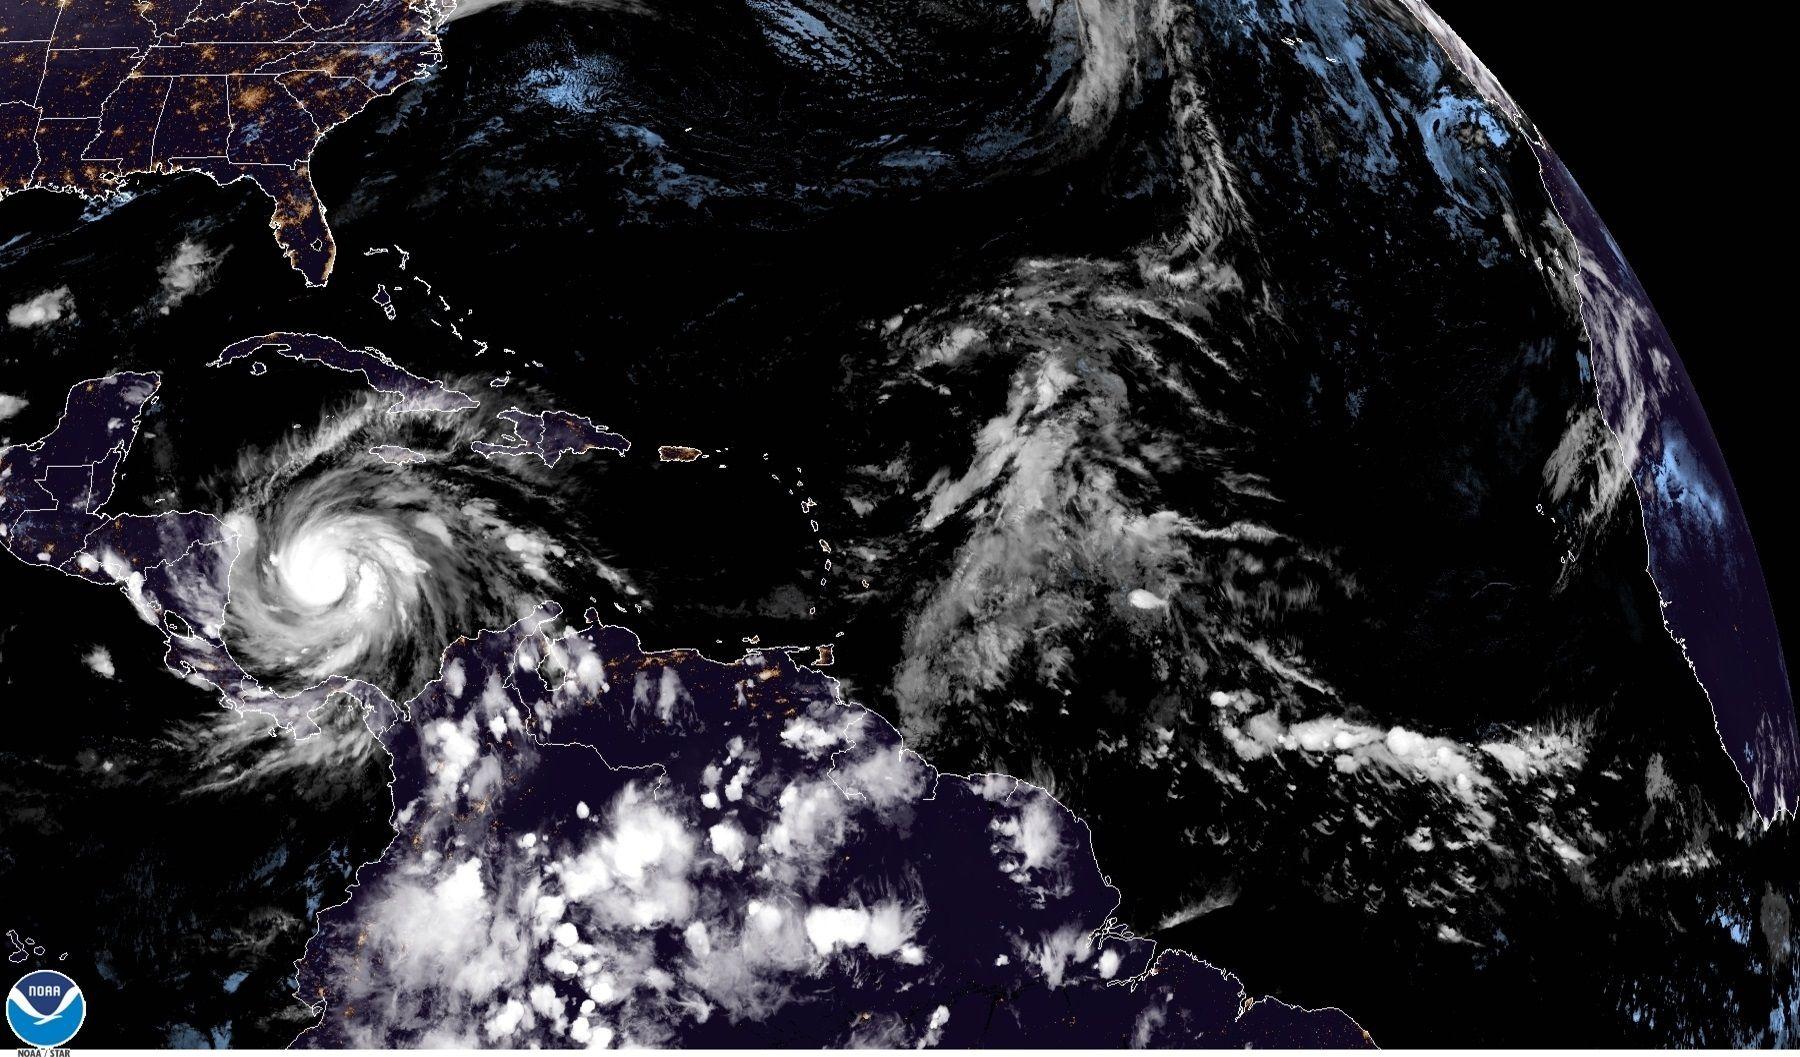 En su boletín de las 15.00 GMT, el NHC informó que el huracán presenta vientos máximos sostenidos de 260 kilómetros por hora (160 m/h) en su ruta hacia el noreste de Nicaragua y el este de Honduras, que están bajo aviso de huracán y donde se espera toque tierra esta noche. EFE/ NOAA-NHC